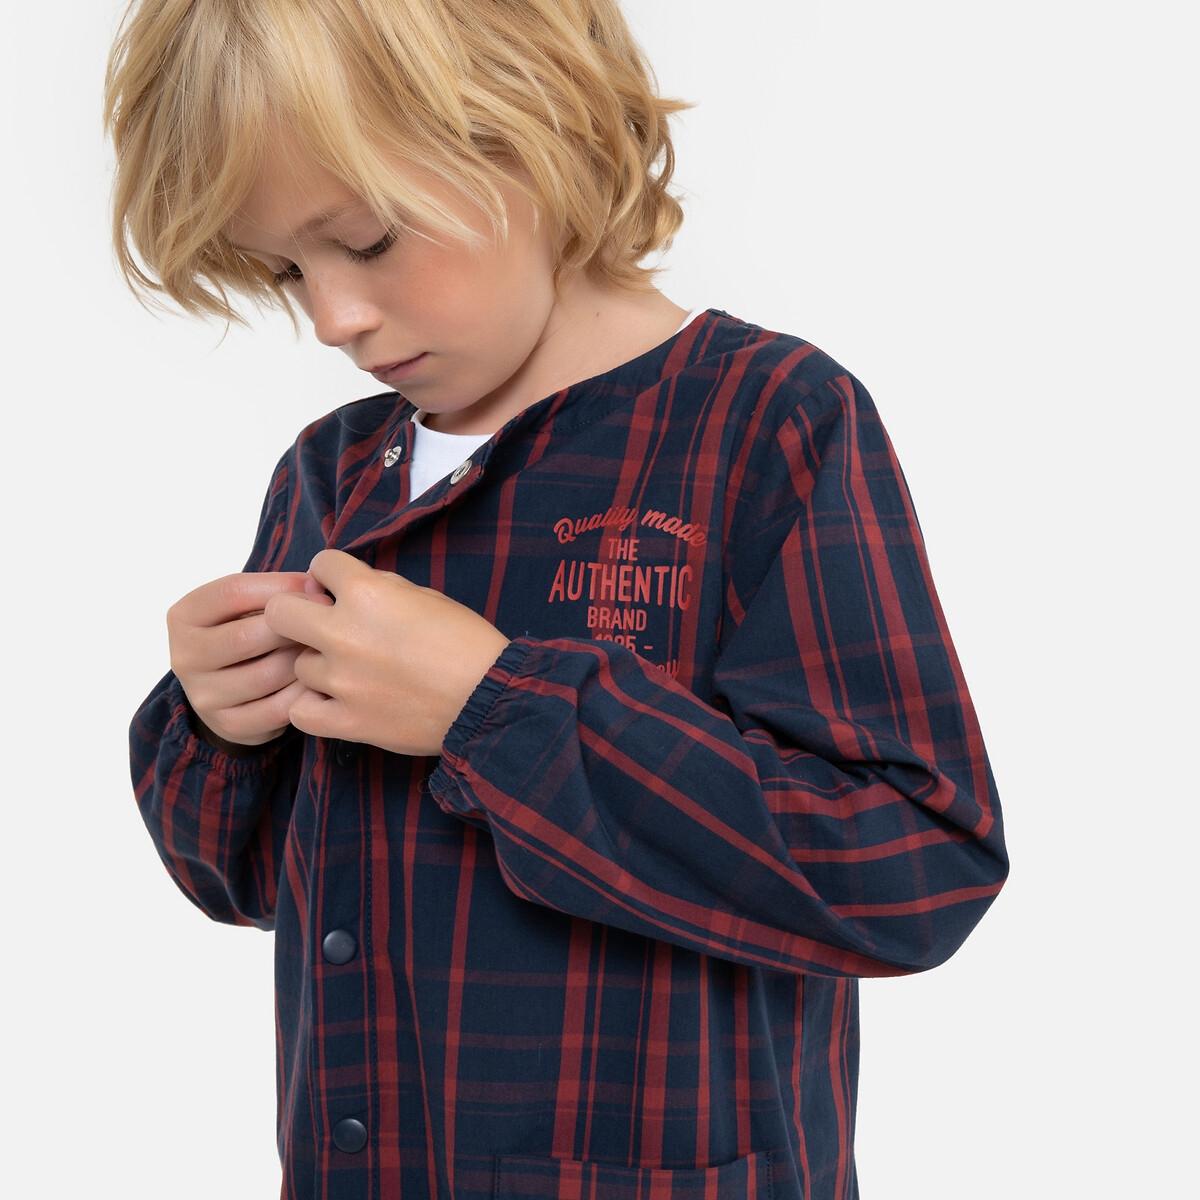 Блуза LaRedoute С длинными рукавами в клетку 3-12 лет 4 года - 102 см синий блузка laredoute с длинными рукавами и отделкой макраме 3 12 лет 4 года 102 см бежевый